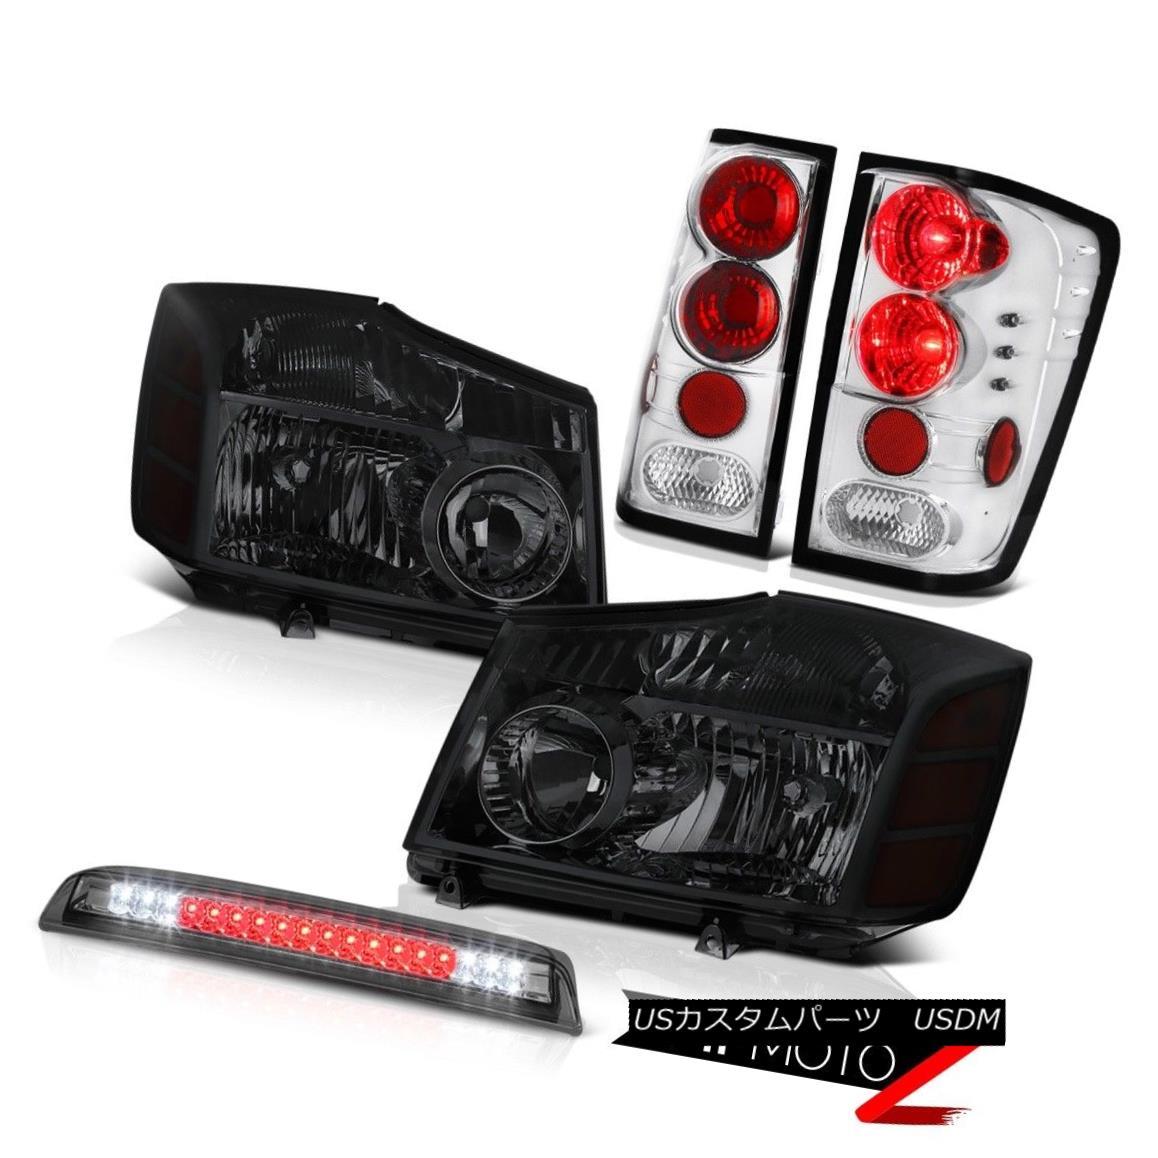 ヘッドライト For 2004-2015 Titan Pair Smoke Headlamps Tail Lights Rear Lamp 3rd Brake Cargo 2004?2015年度タイタン・ペア・スモーク・ヘッドランプテール・ライトリア・ランプ第3ブレーキ・カーゴ